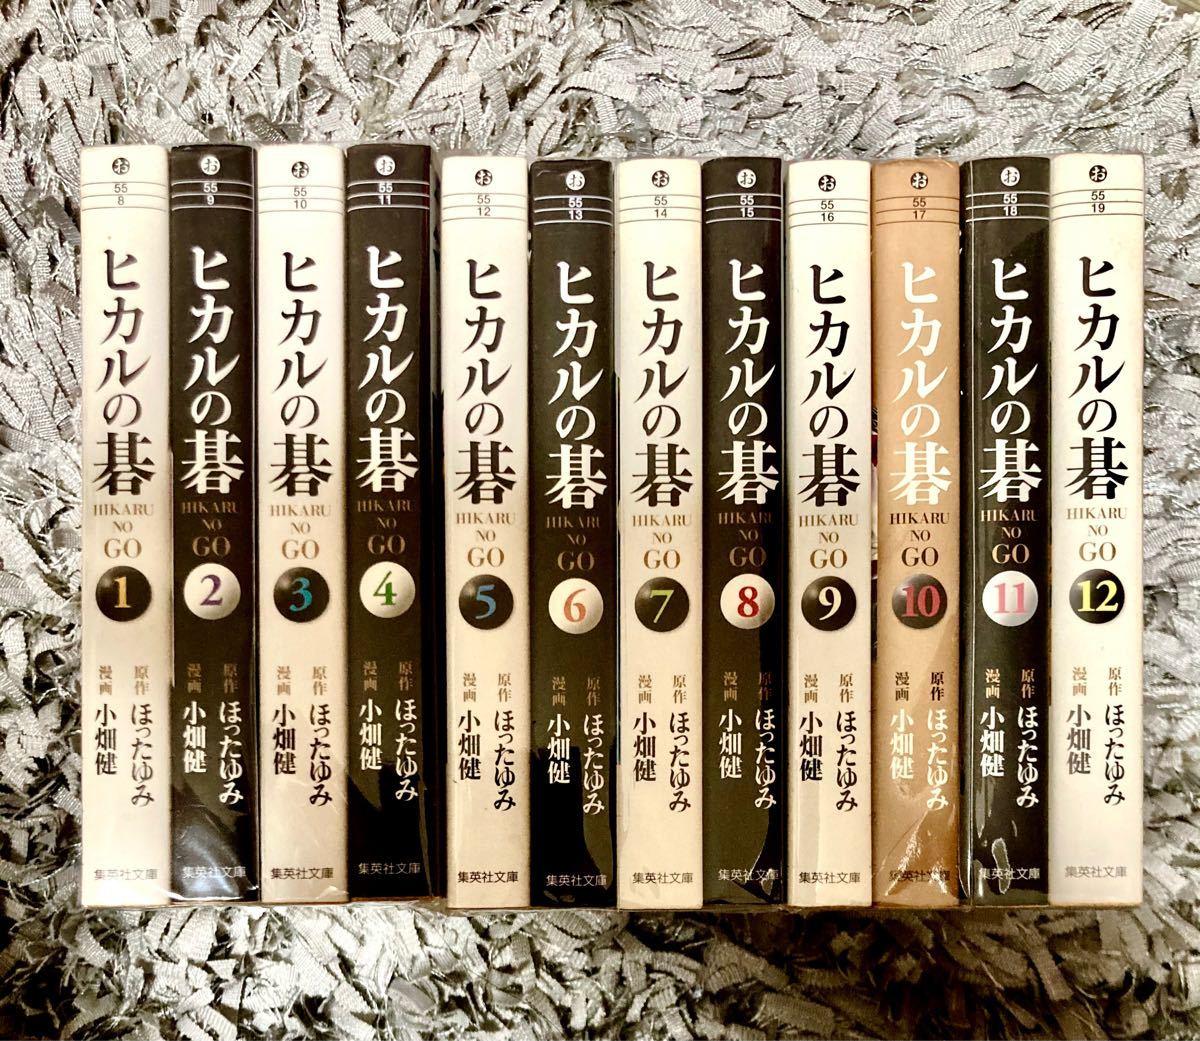 【全巻】ヒカルの碁 文庫版 全巻セット 小畑健